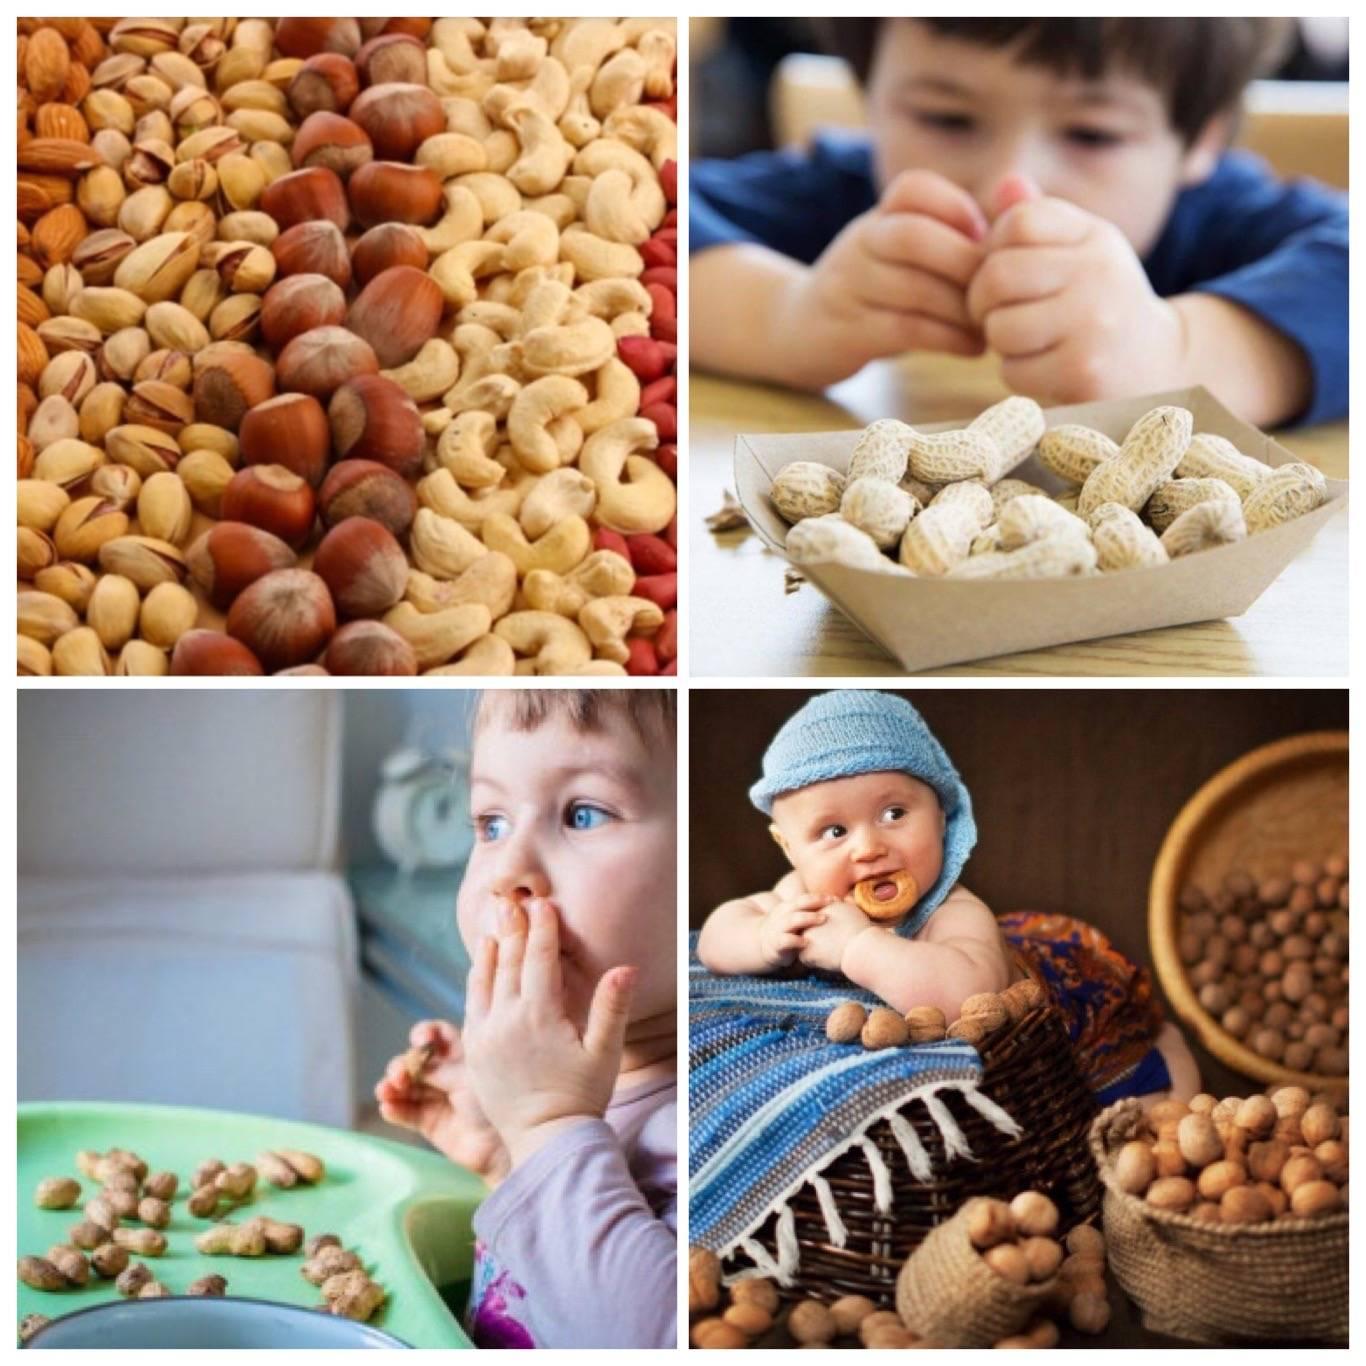 Кешью в питании детей младшего возраста